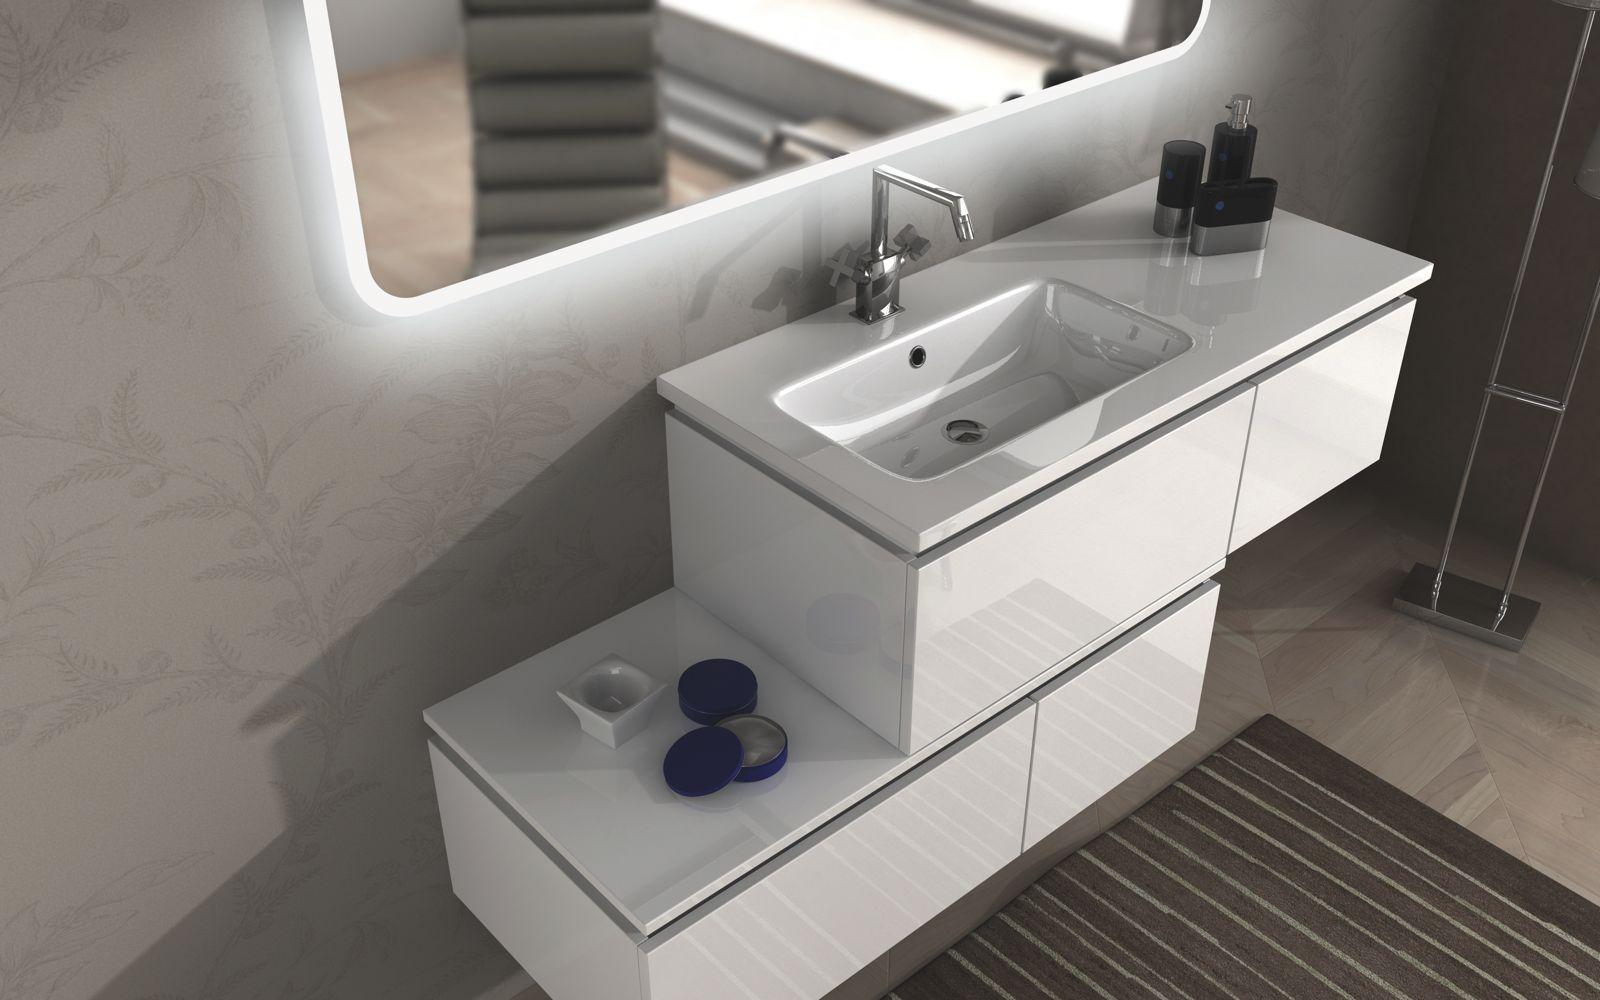 Mobili bagno da 101 a 220 cm : Mobile bagno Avon cm 100 + 110 120 ...